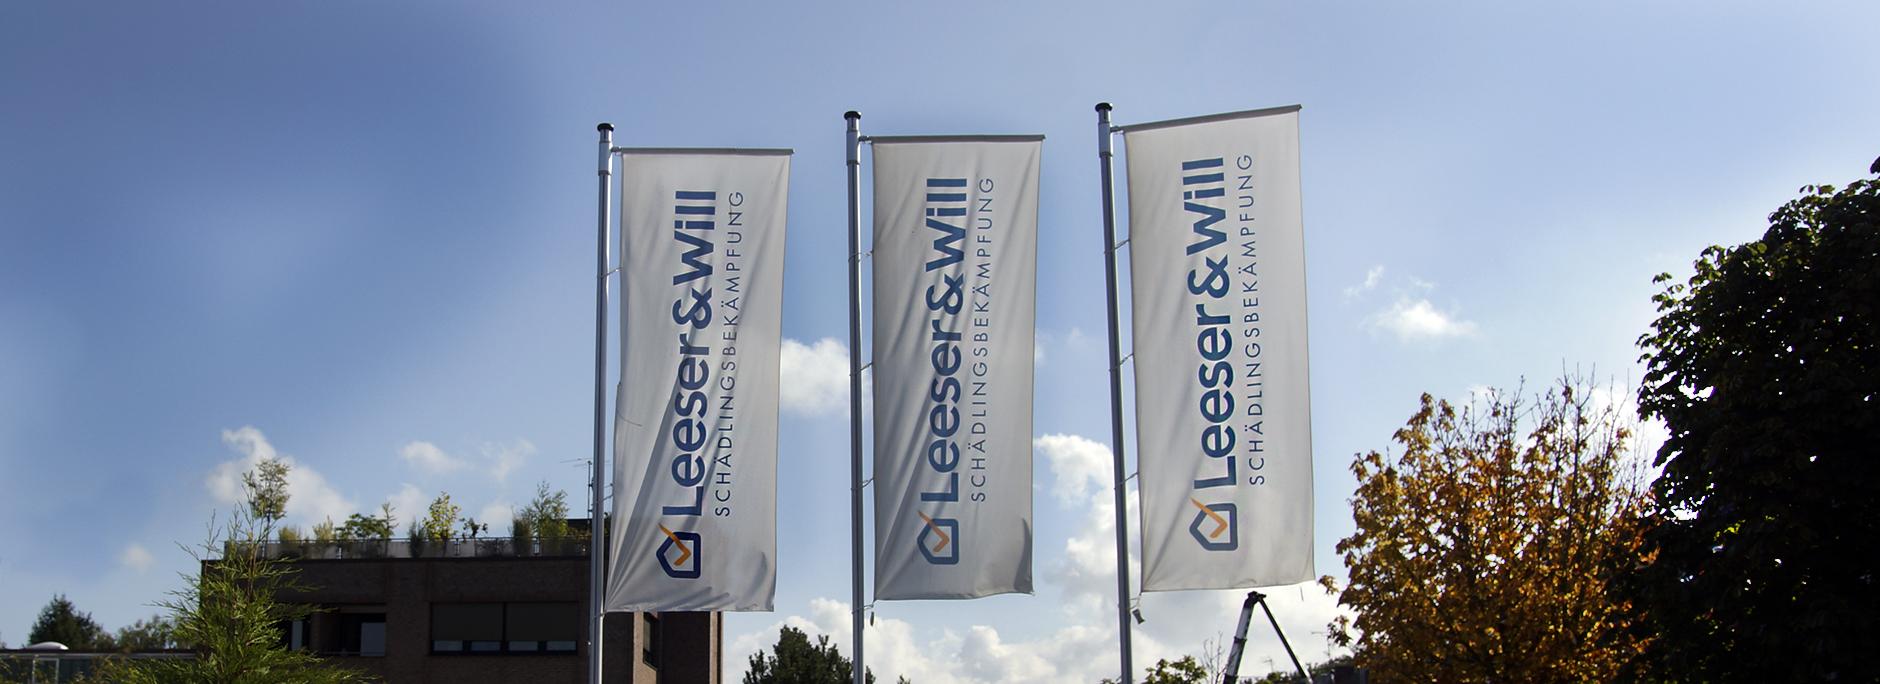 Leeser & Will Schädlingsbekämpfung GmbH - Niederlassung München